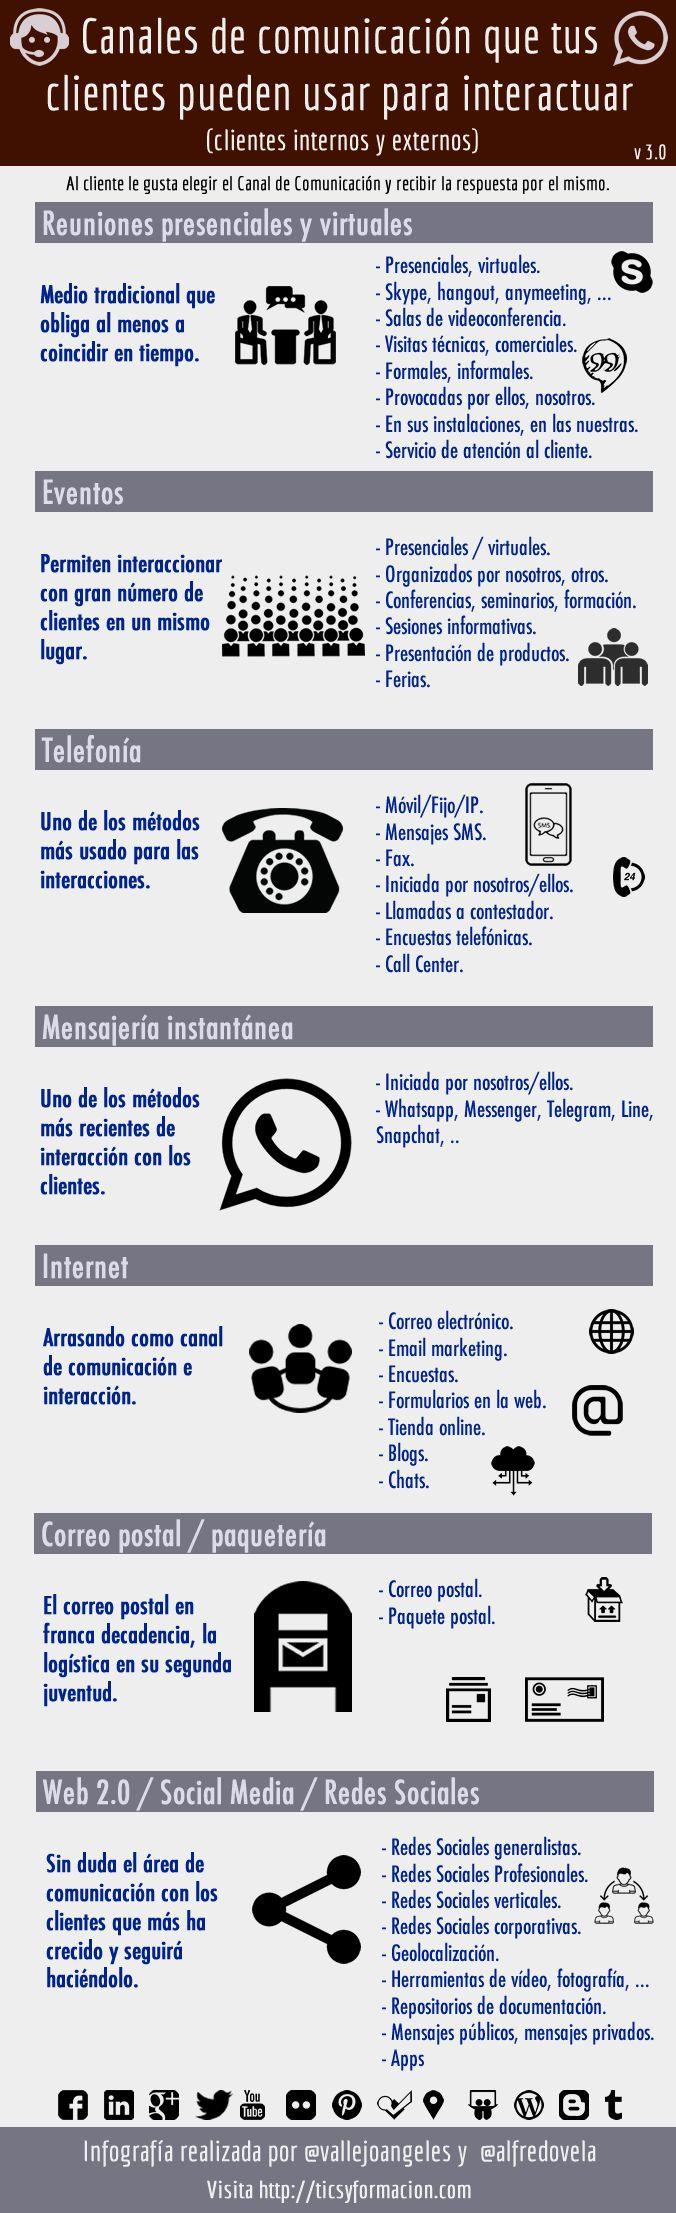 Canales que los clientes pueden utilizar para ponerse en contacto. #infografia